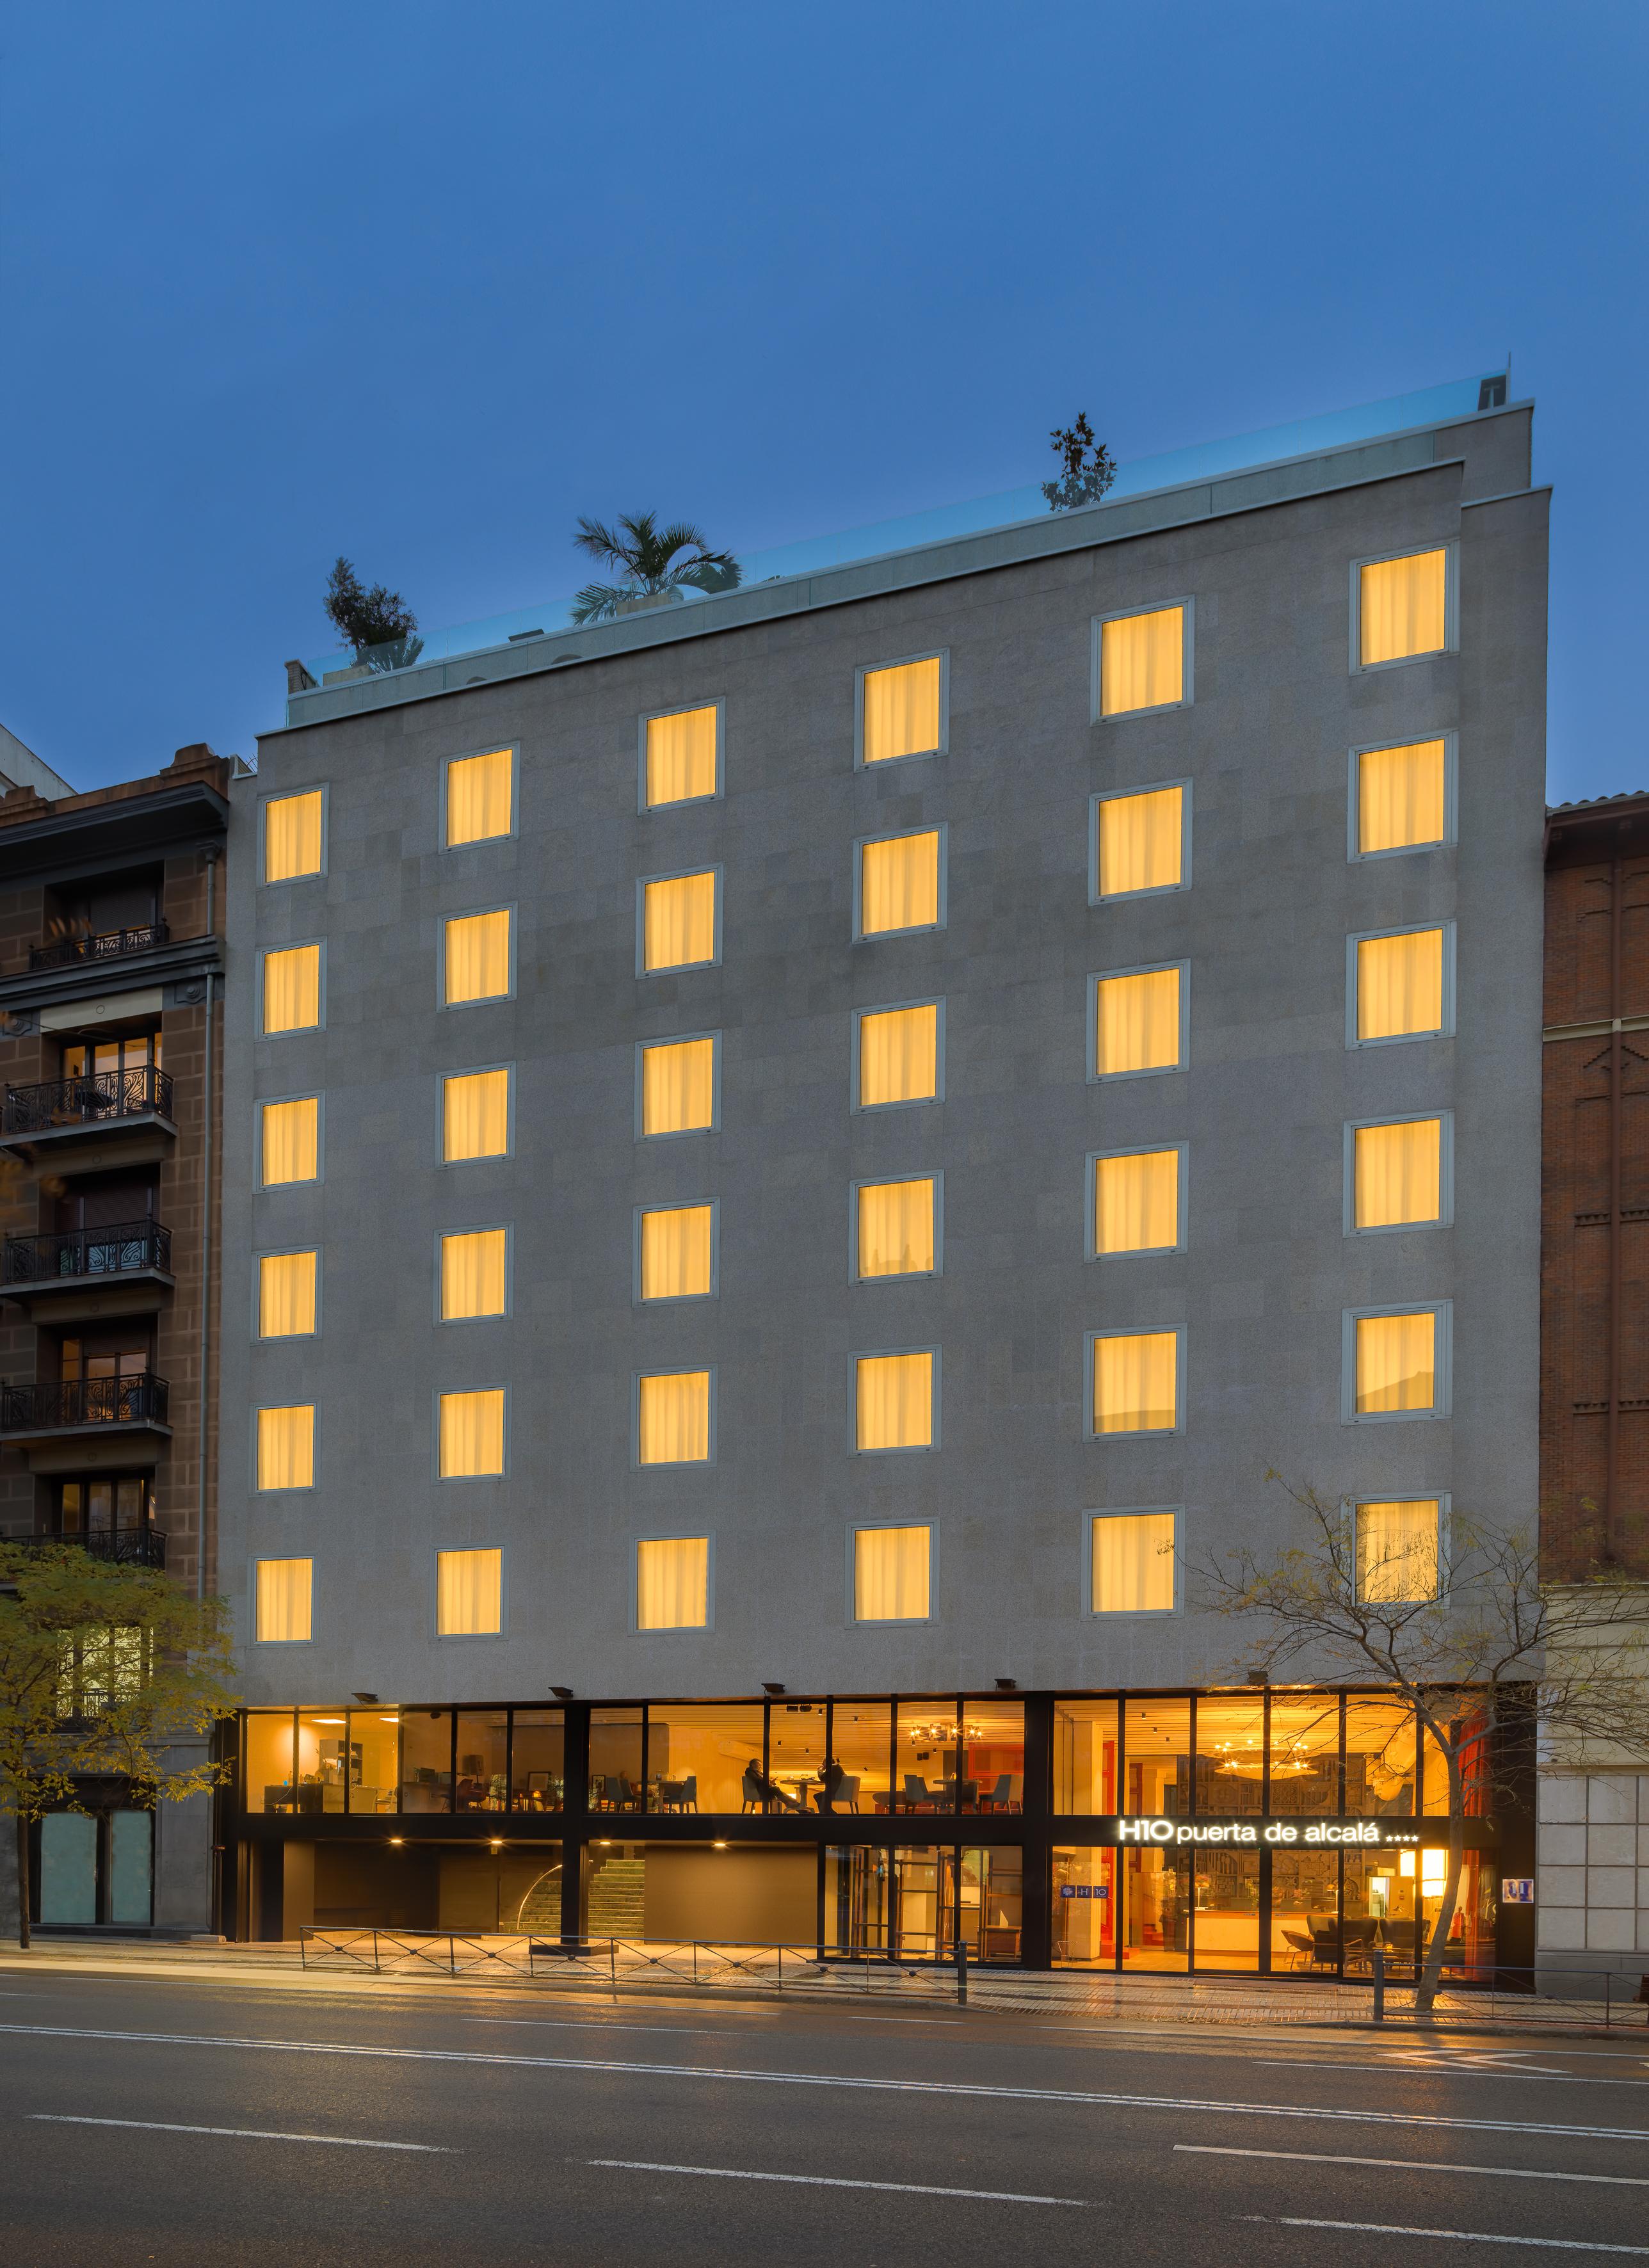 H10 puerta de alcal hotel en madrid viajes el corte ingl s for Calle alberca 9 boadilla del monte